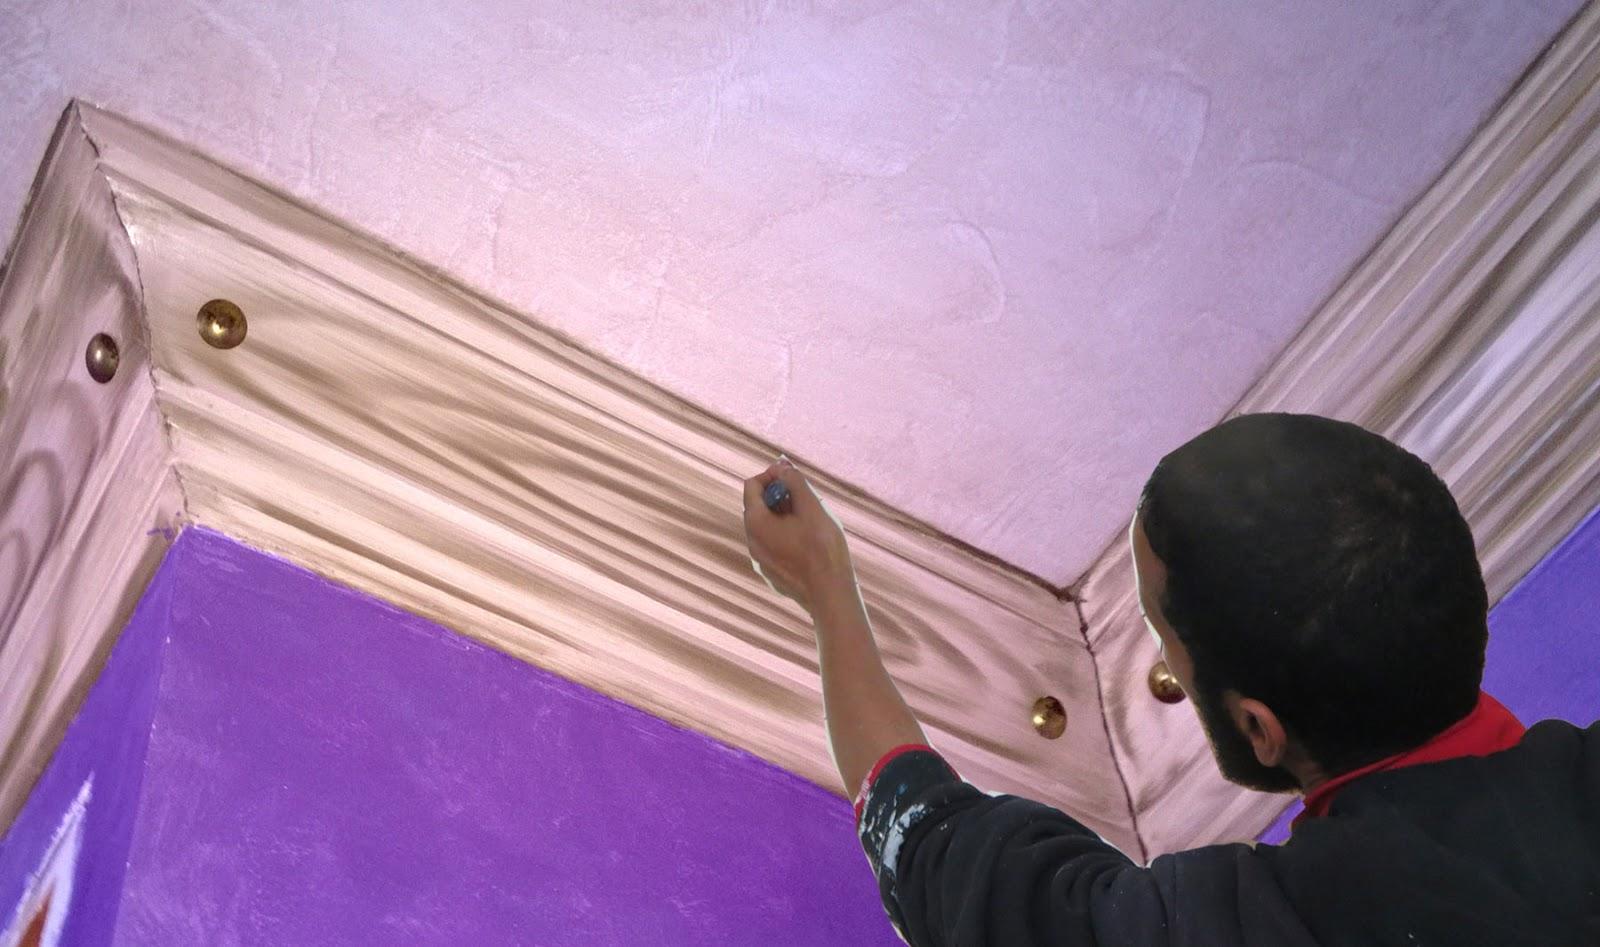 طريقة طلاء الجبس على شكل خشب